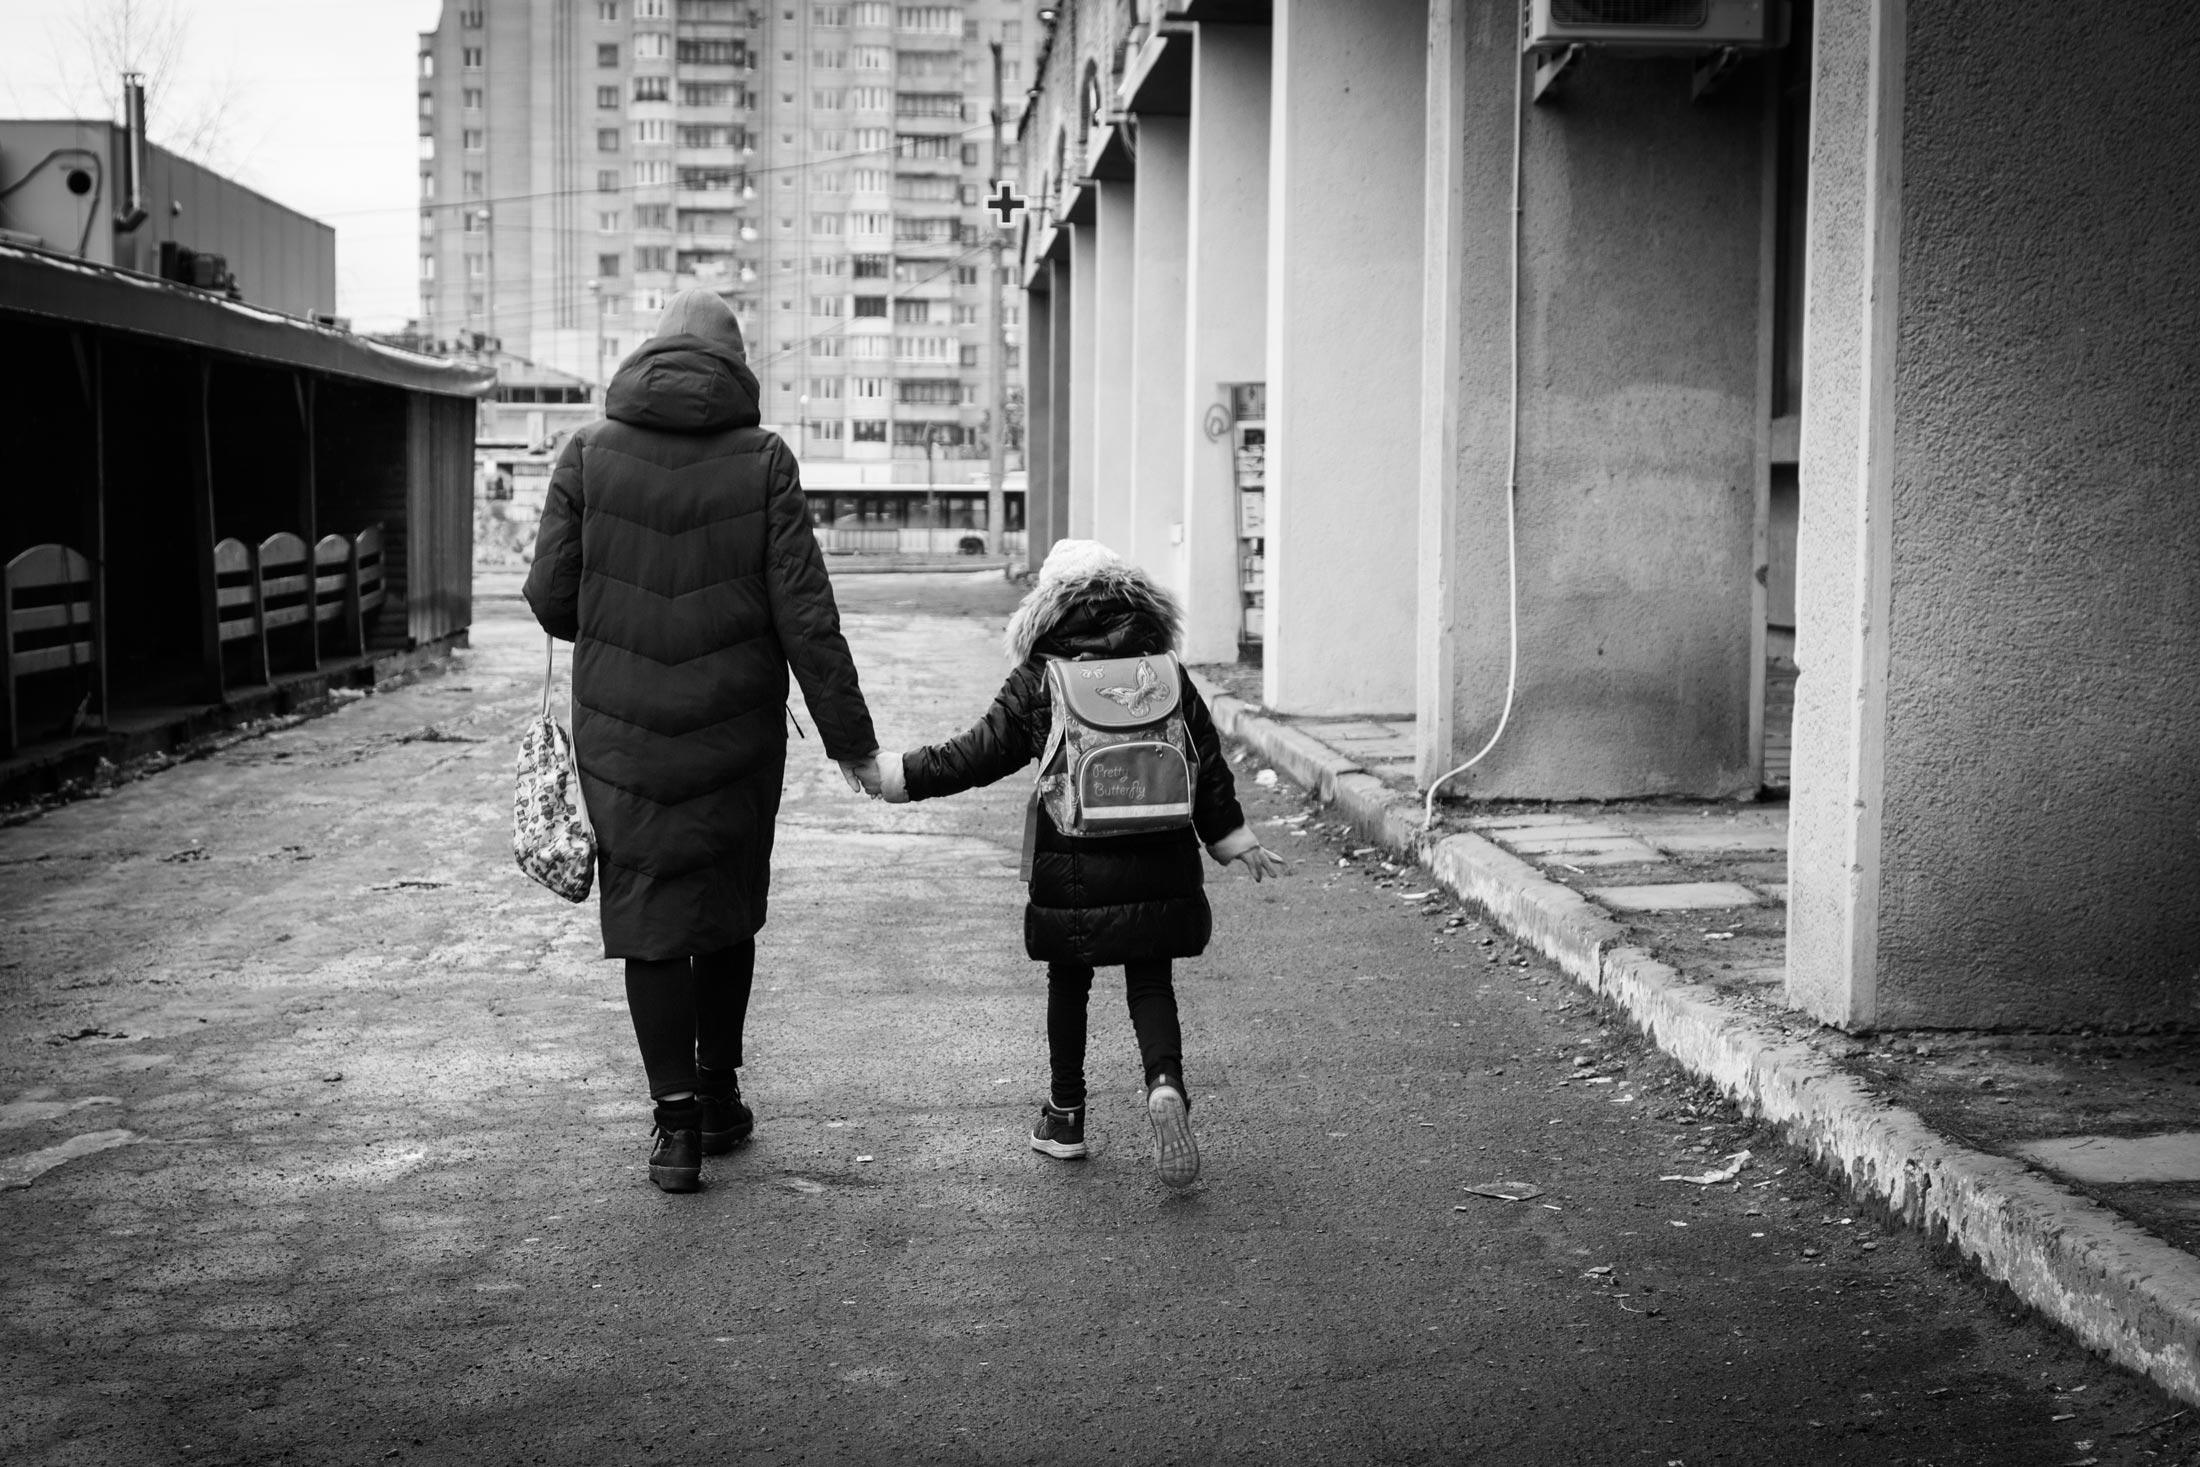 yulia boiko 05 - <b>Таке життя.</b> Як спілкуватися із батьками дітей з особливими потребами й не перетворювати розмову на щось особливе - Заборона